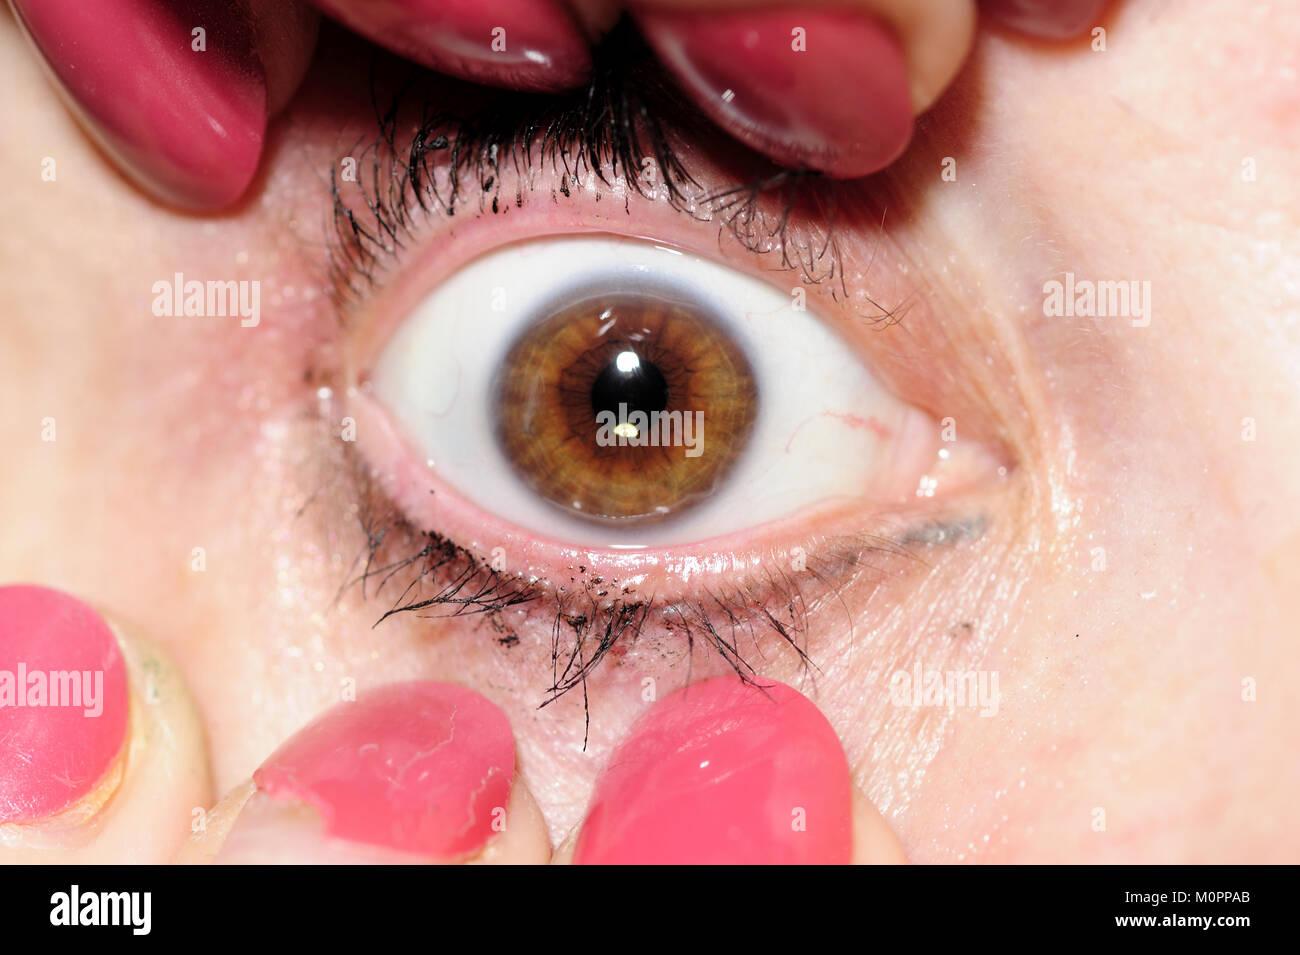 Eye, eyeball, testés, les droits, les gens, les femmes, la santé, l'orgue, sens, Photo Stock